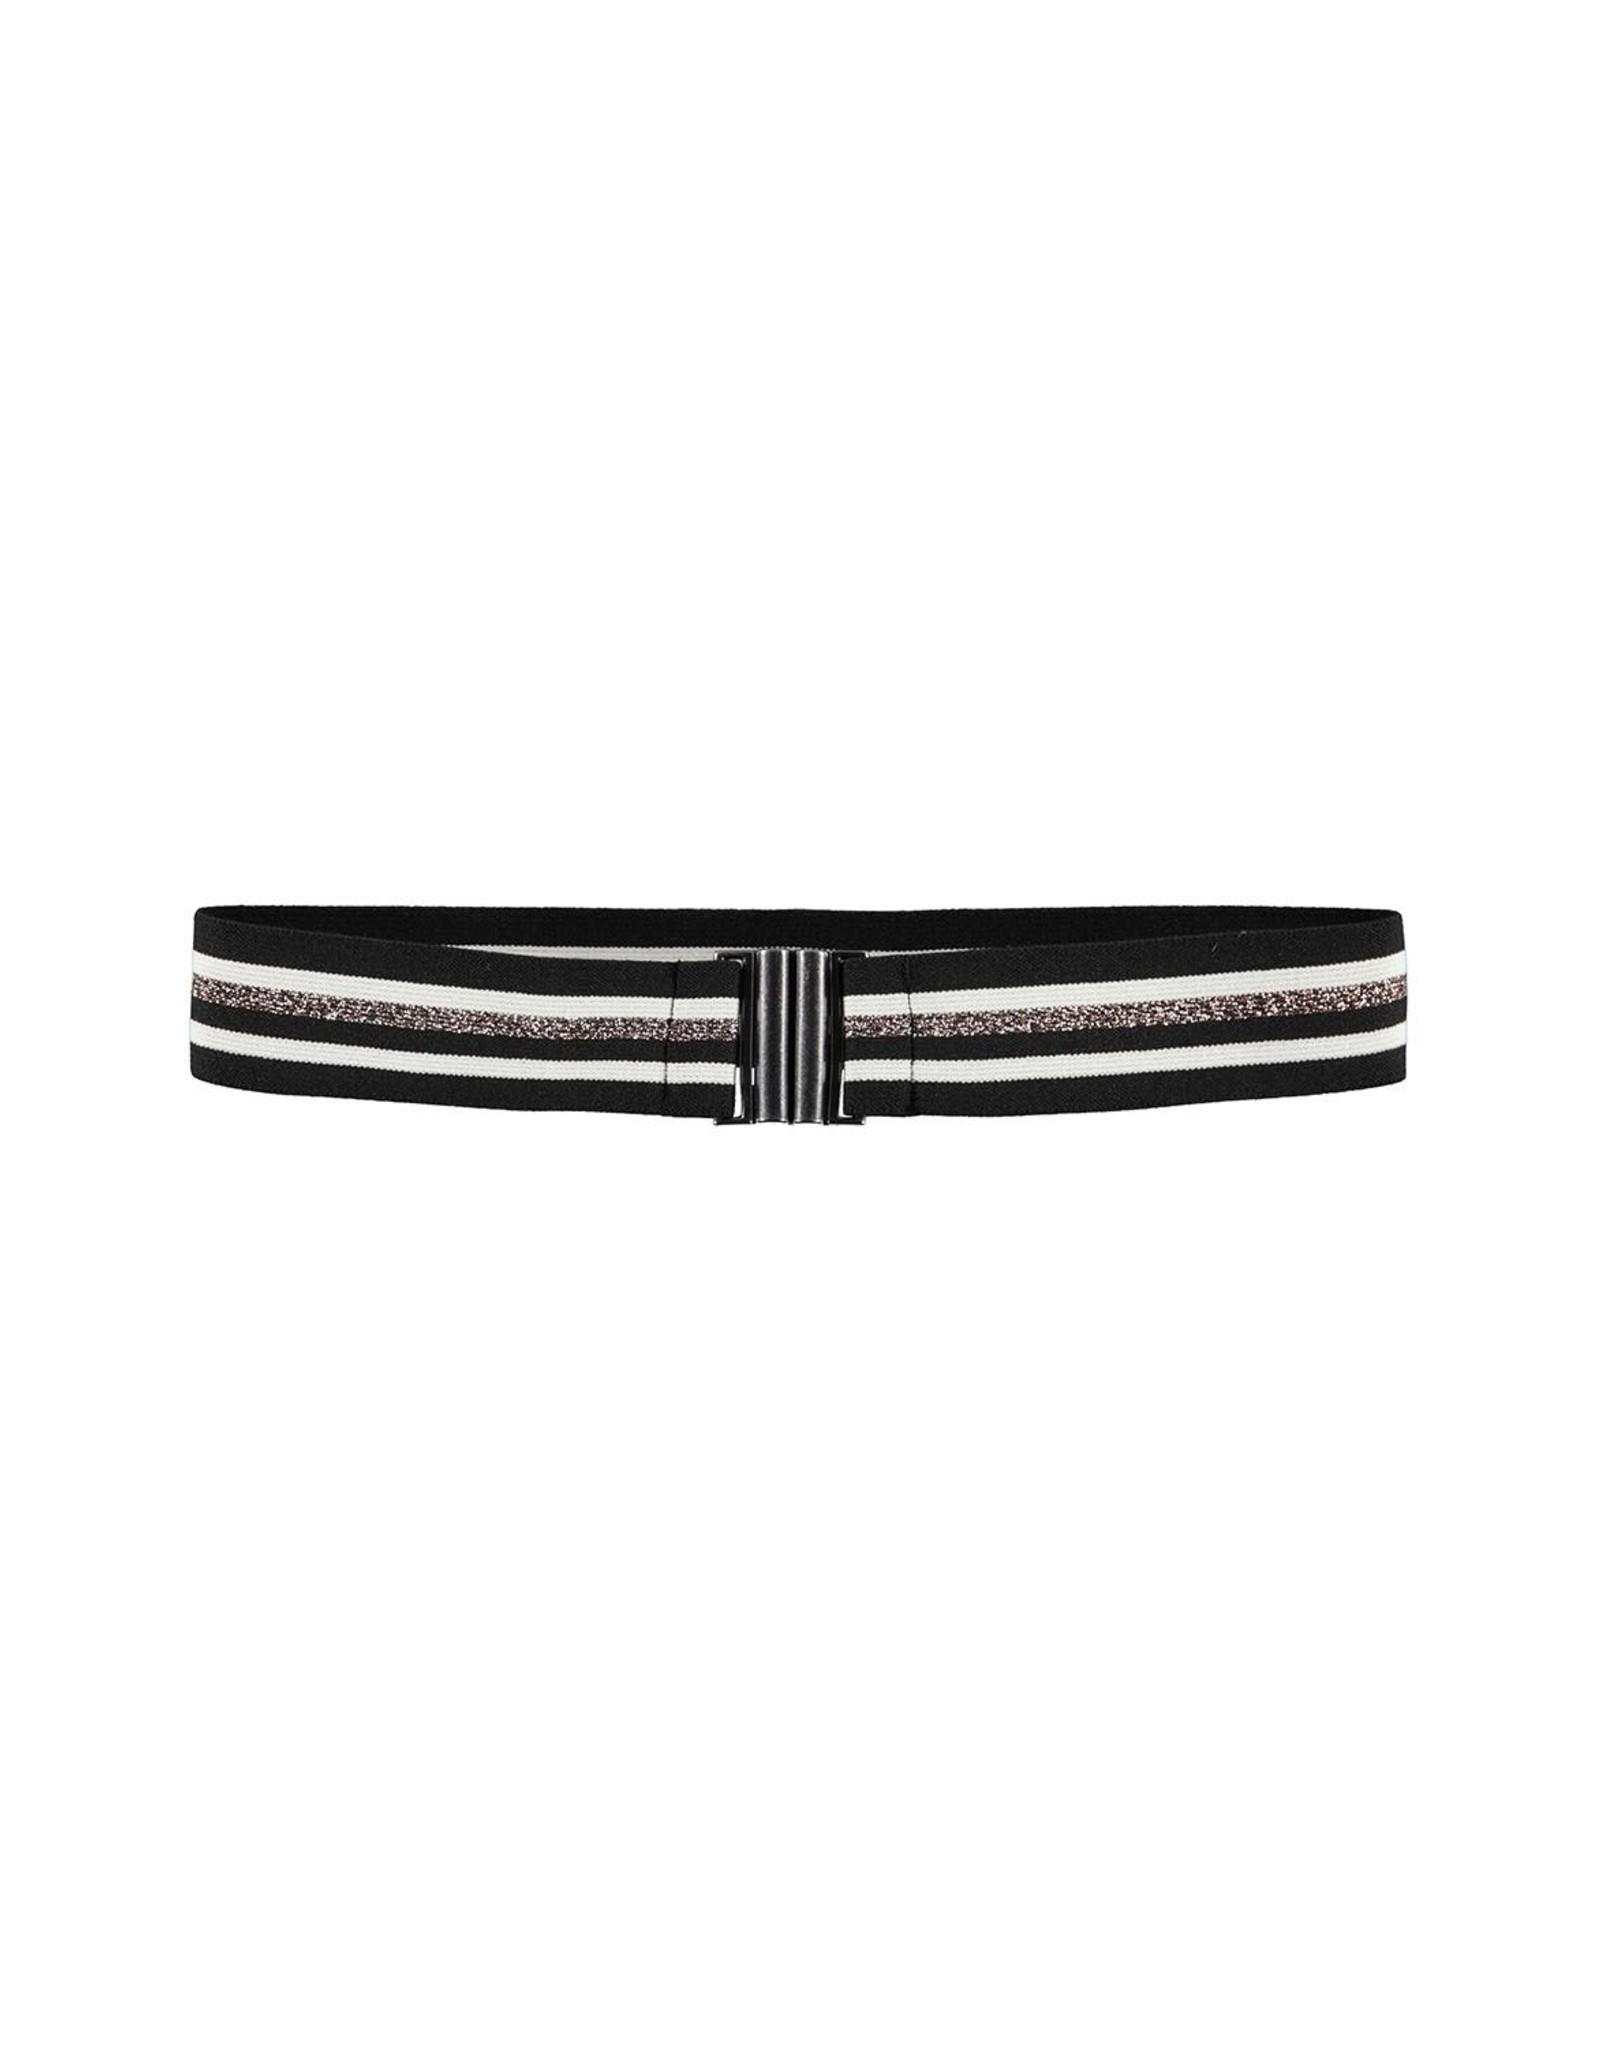 Looxs 10SIXTEEN 10Sixteen lurex stripe belt